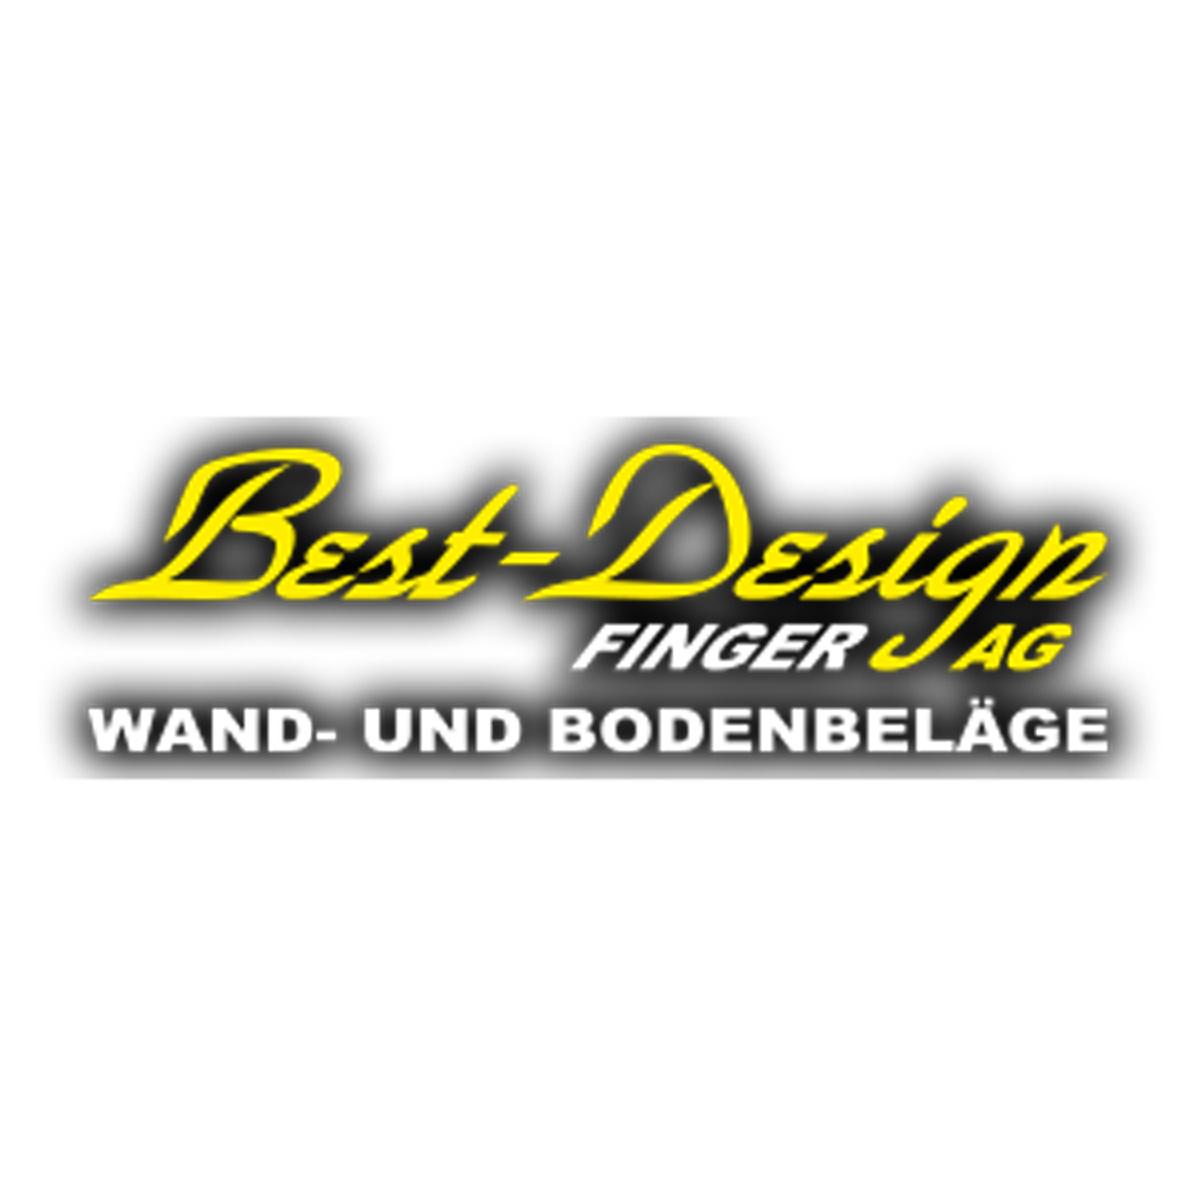 Best Design Finger AG